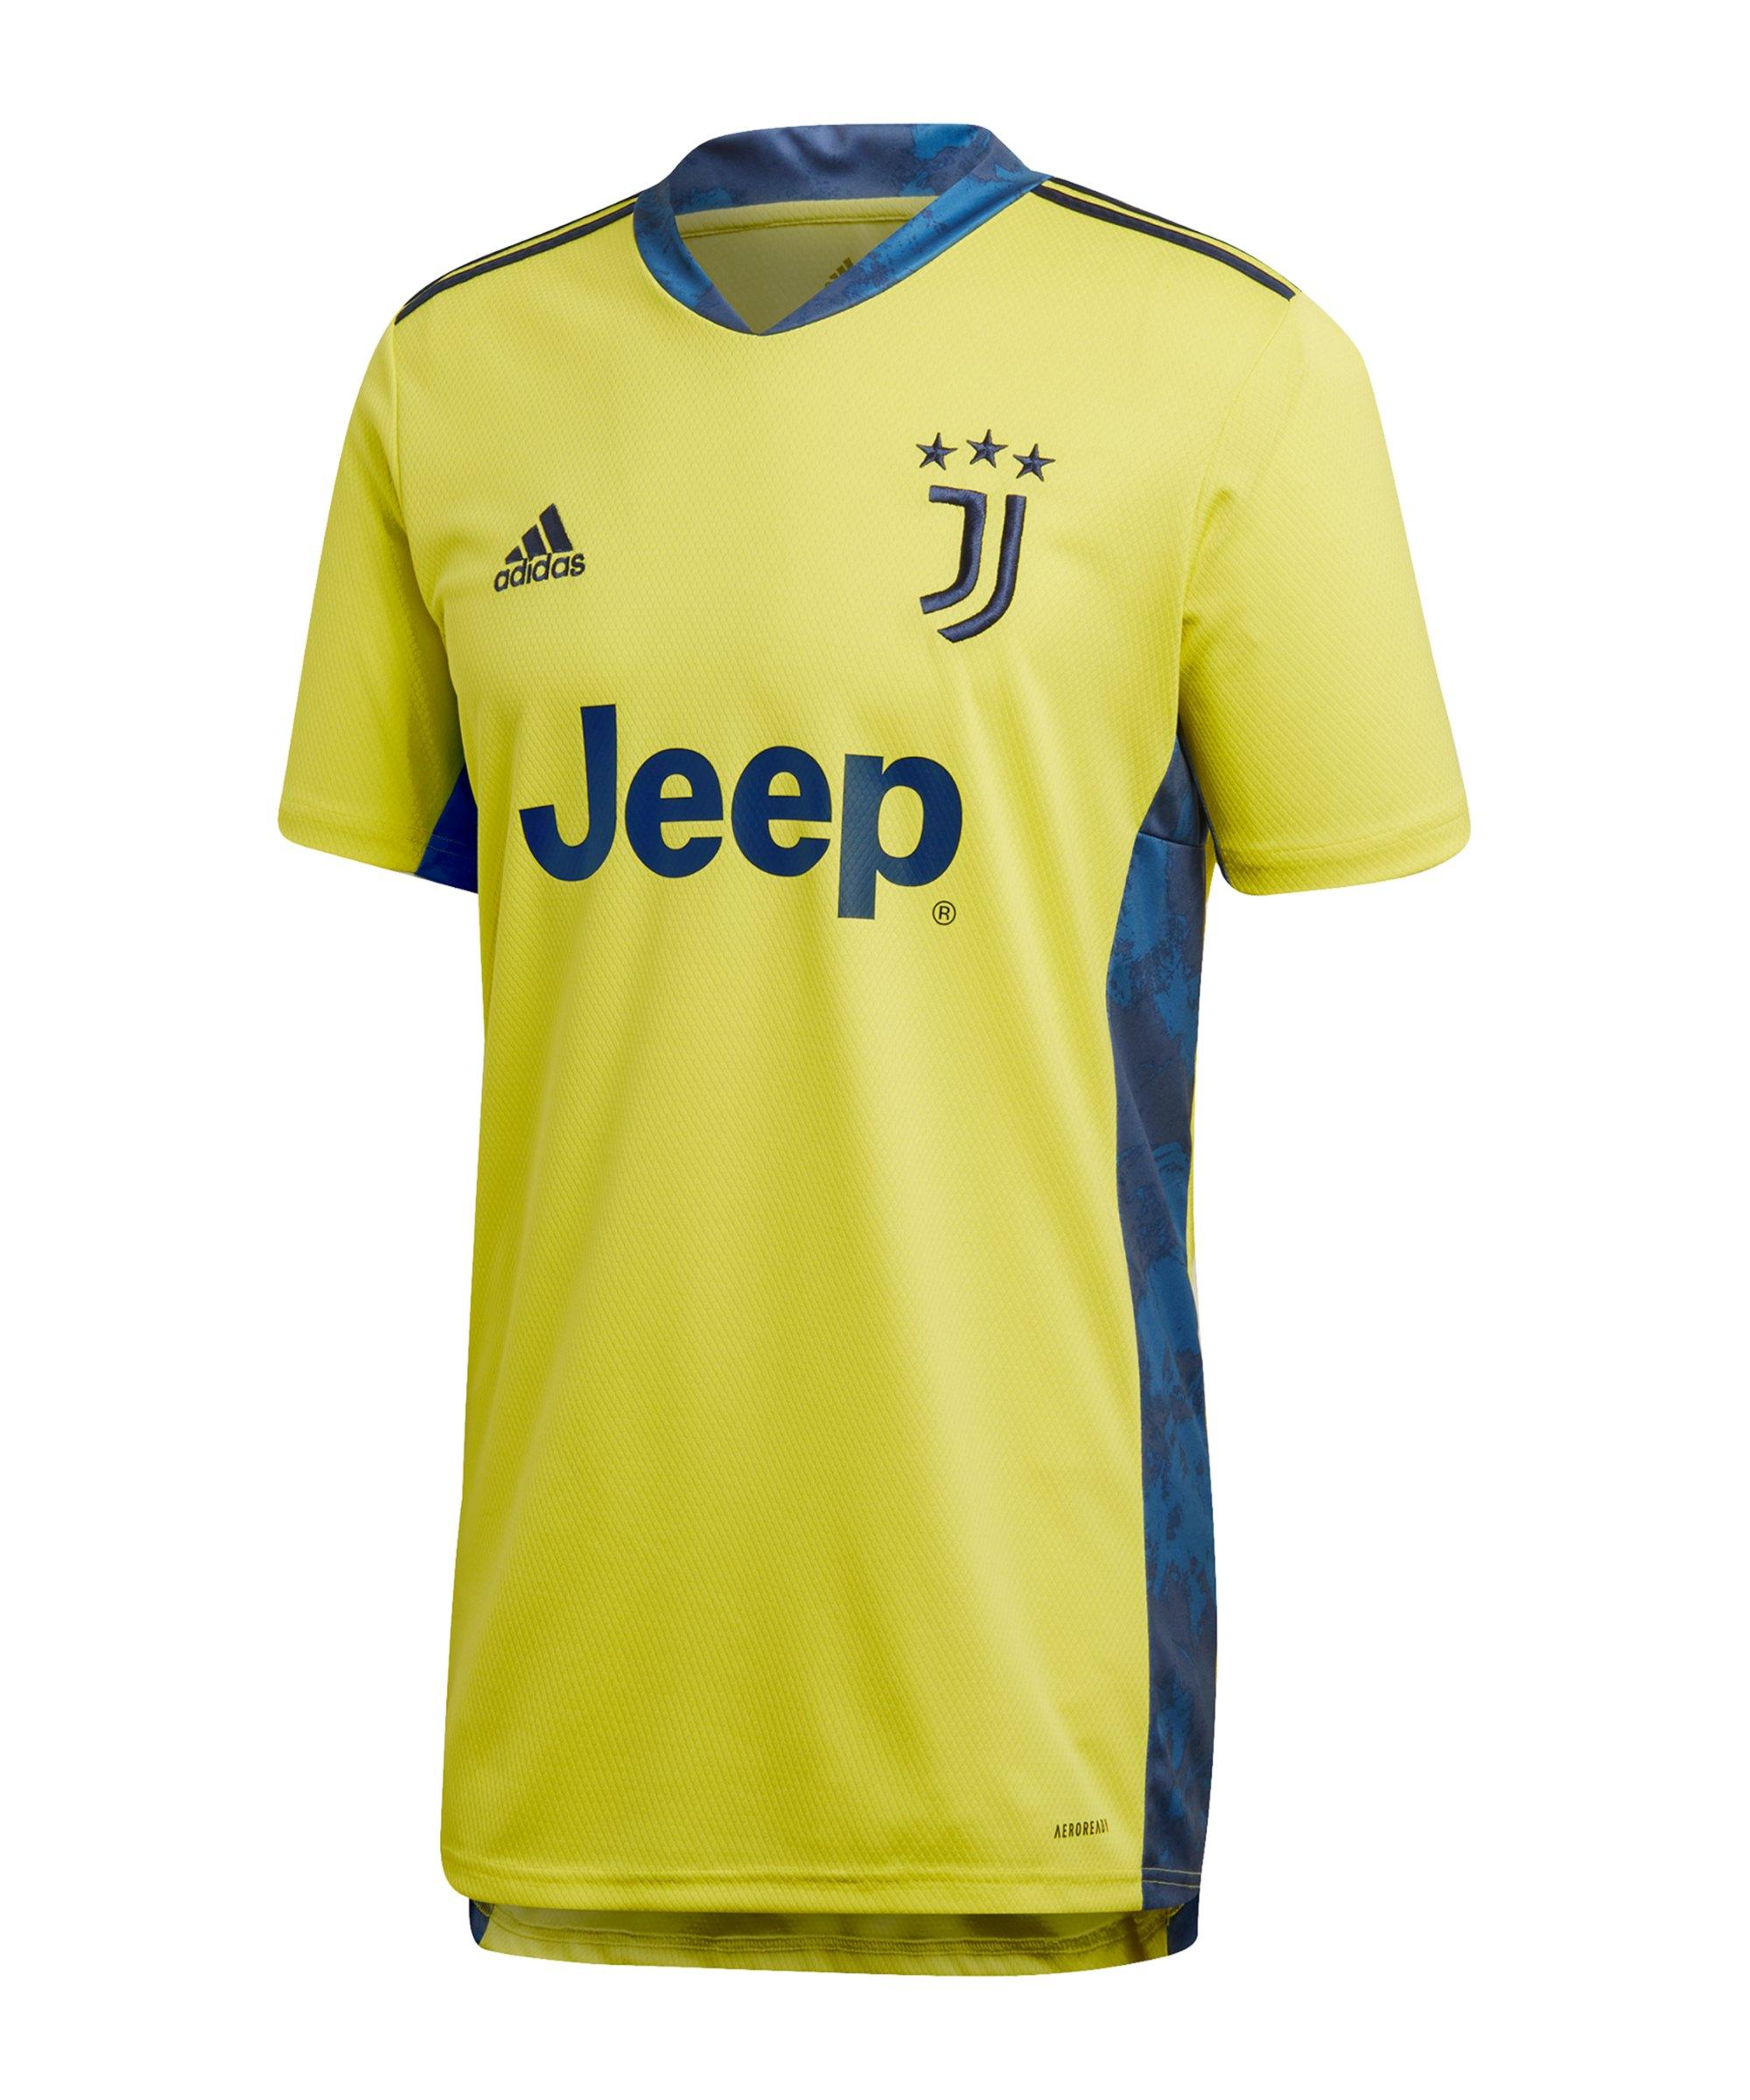 adidas Juventus Turin Torwarttrikot 2020/2021 Gelb - gelb